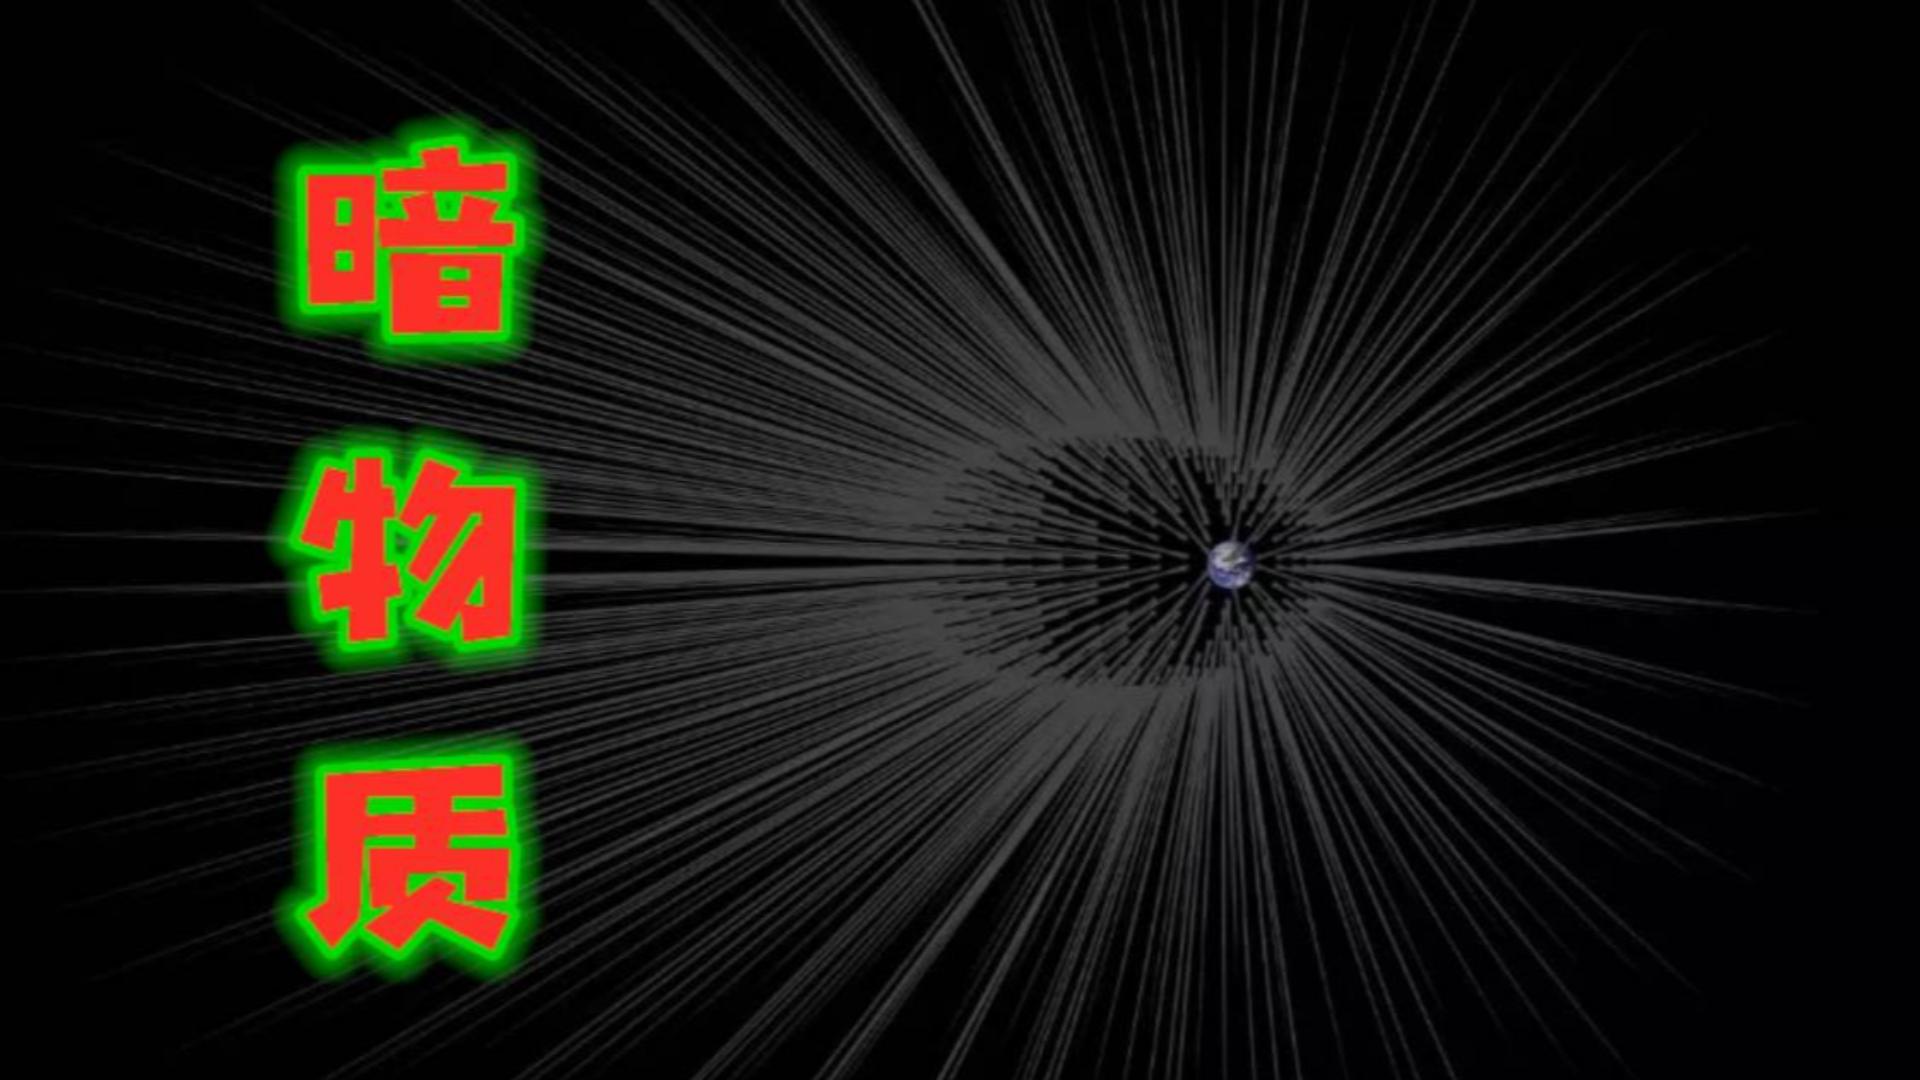 如果有1微米的暗物质进入你的身体,会发生什么可怕的事呢?